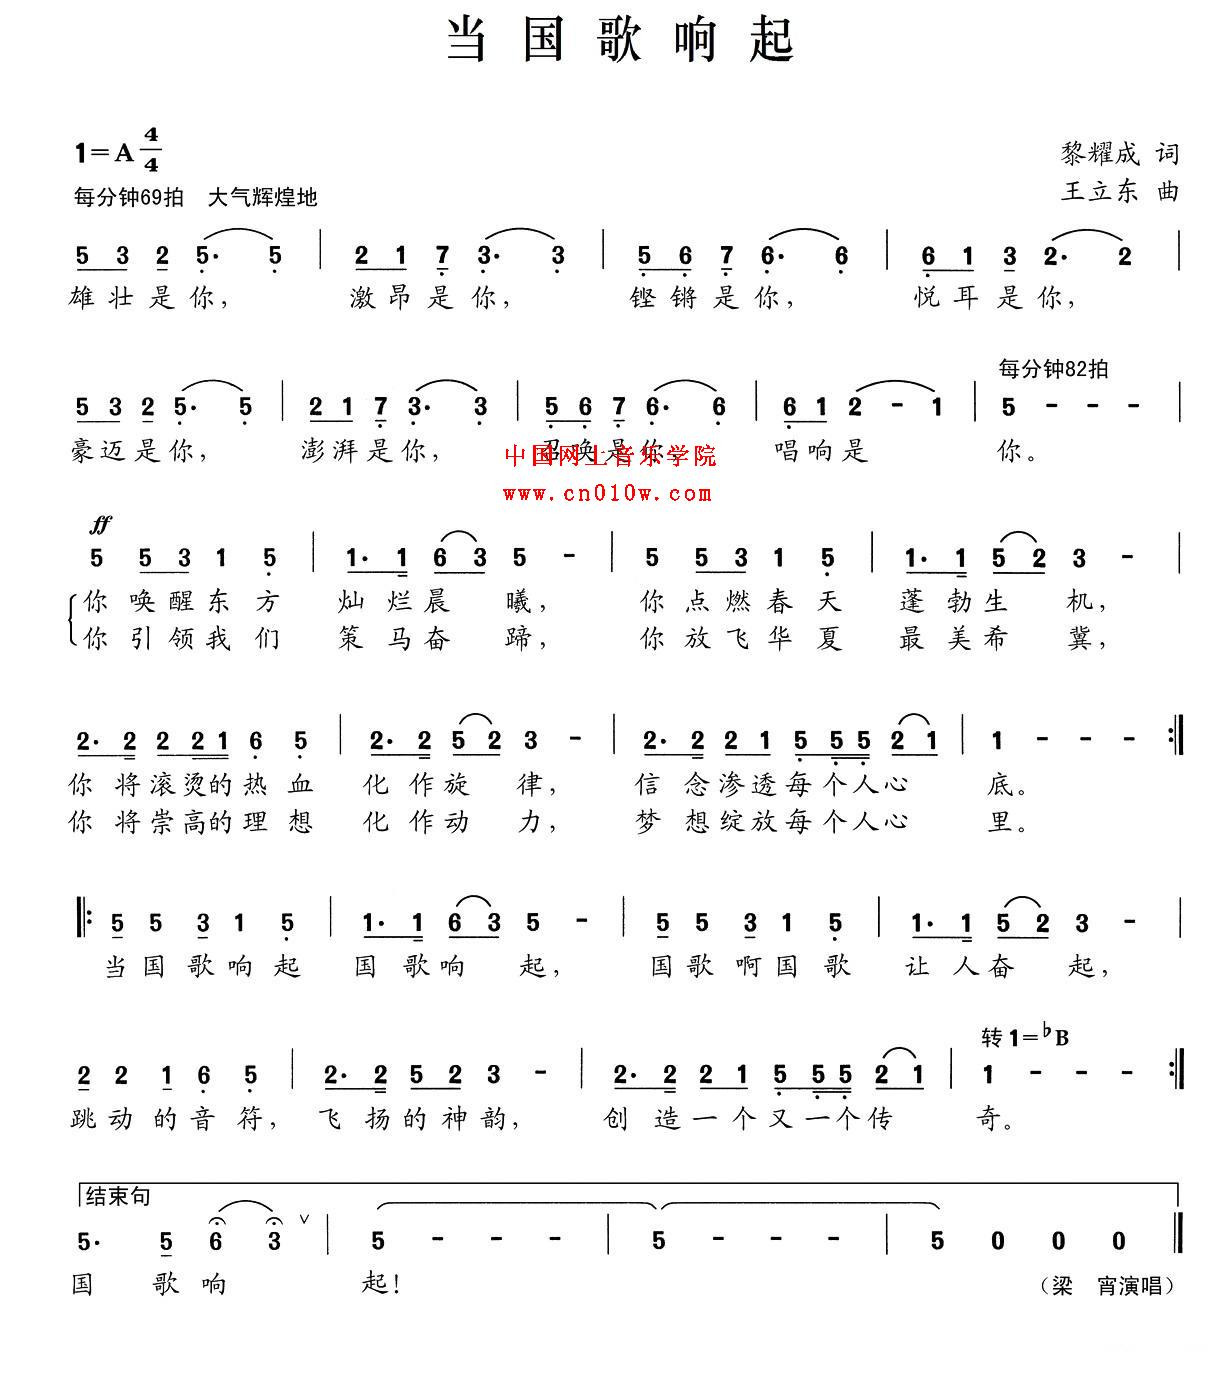 民歌曲谱_当国歌响起 民歌曲谱_当国歌响起下载 简谱下载 五线谱下载